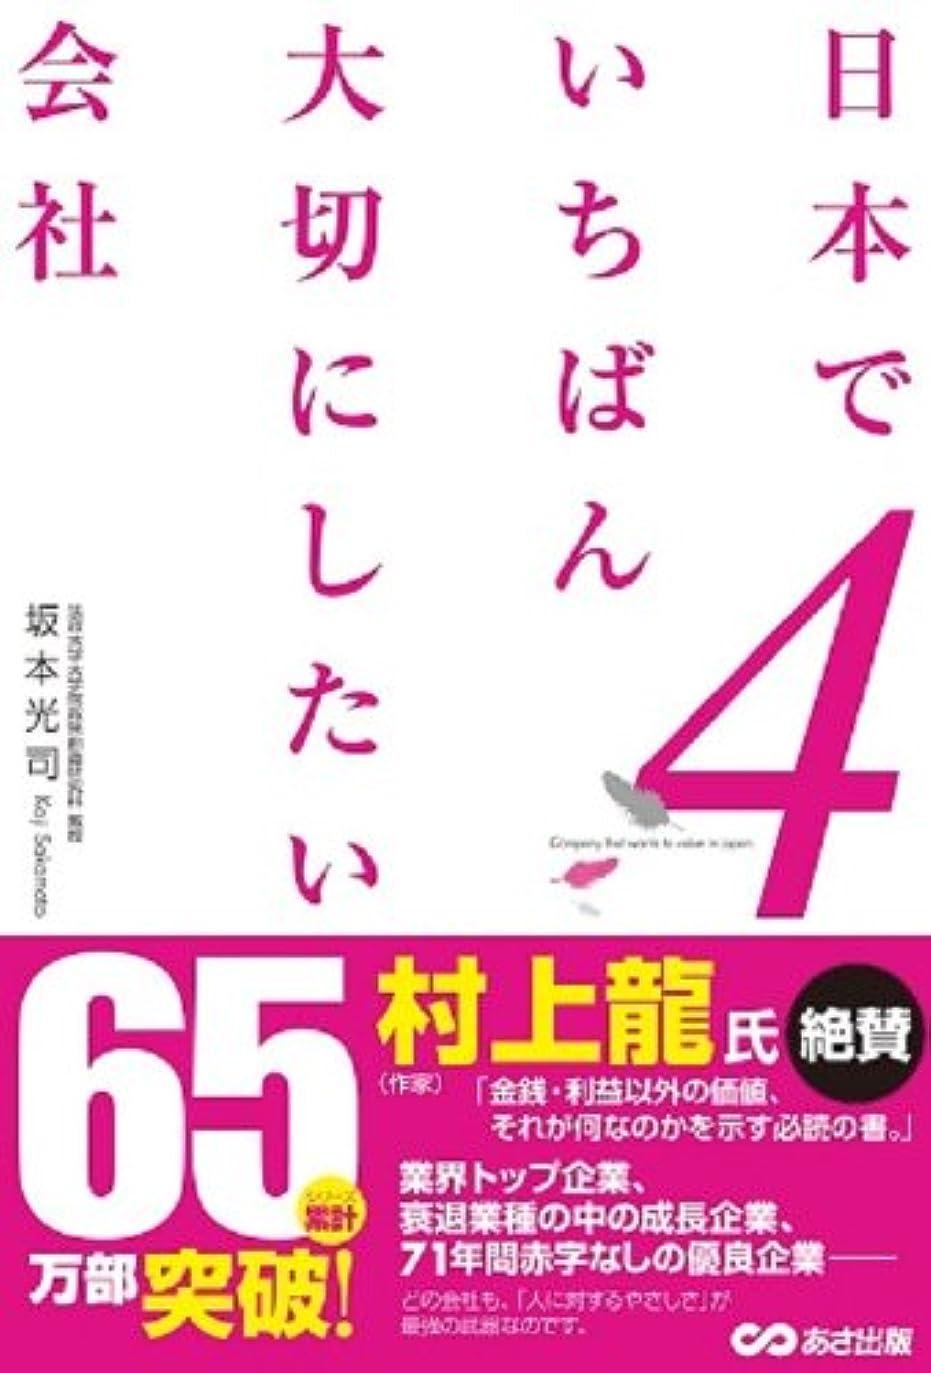 体細胞仕立て屋不機嫌そうな日本でいちばん大切にしたい会社4